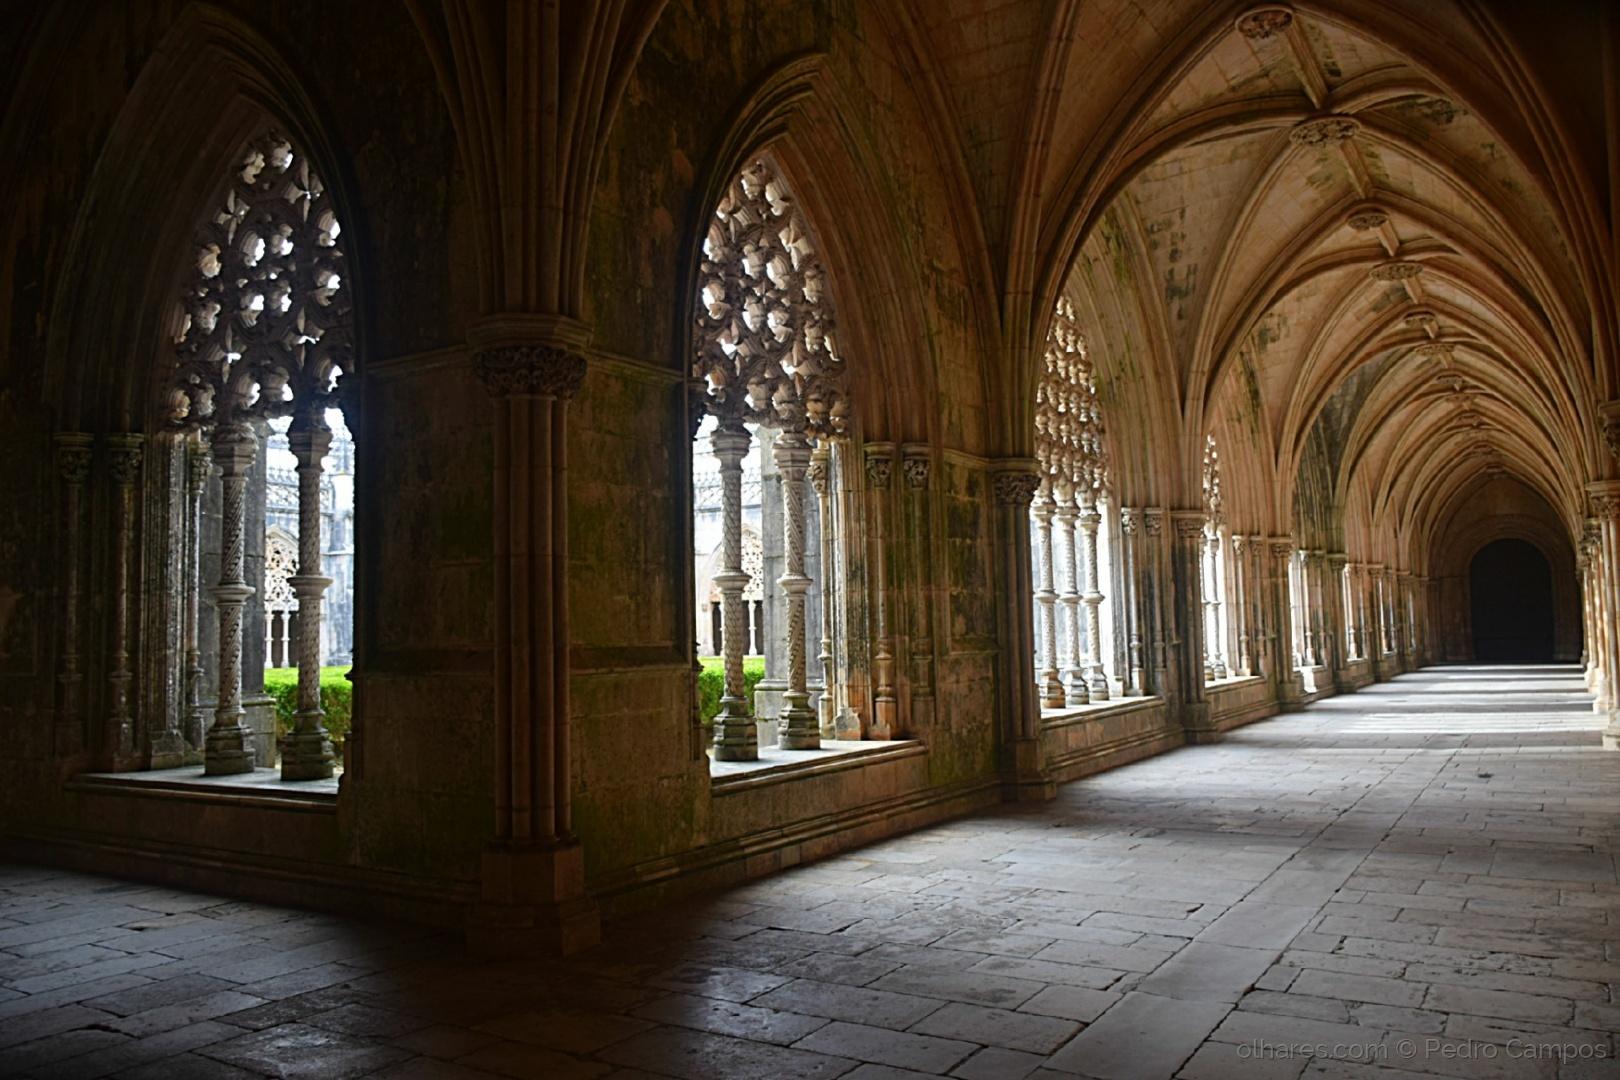 História/O silêncio dos claustros